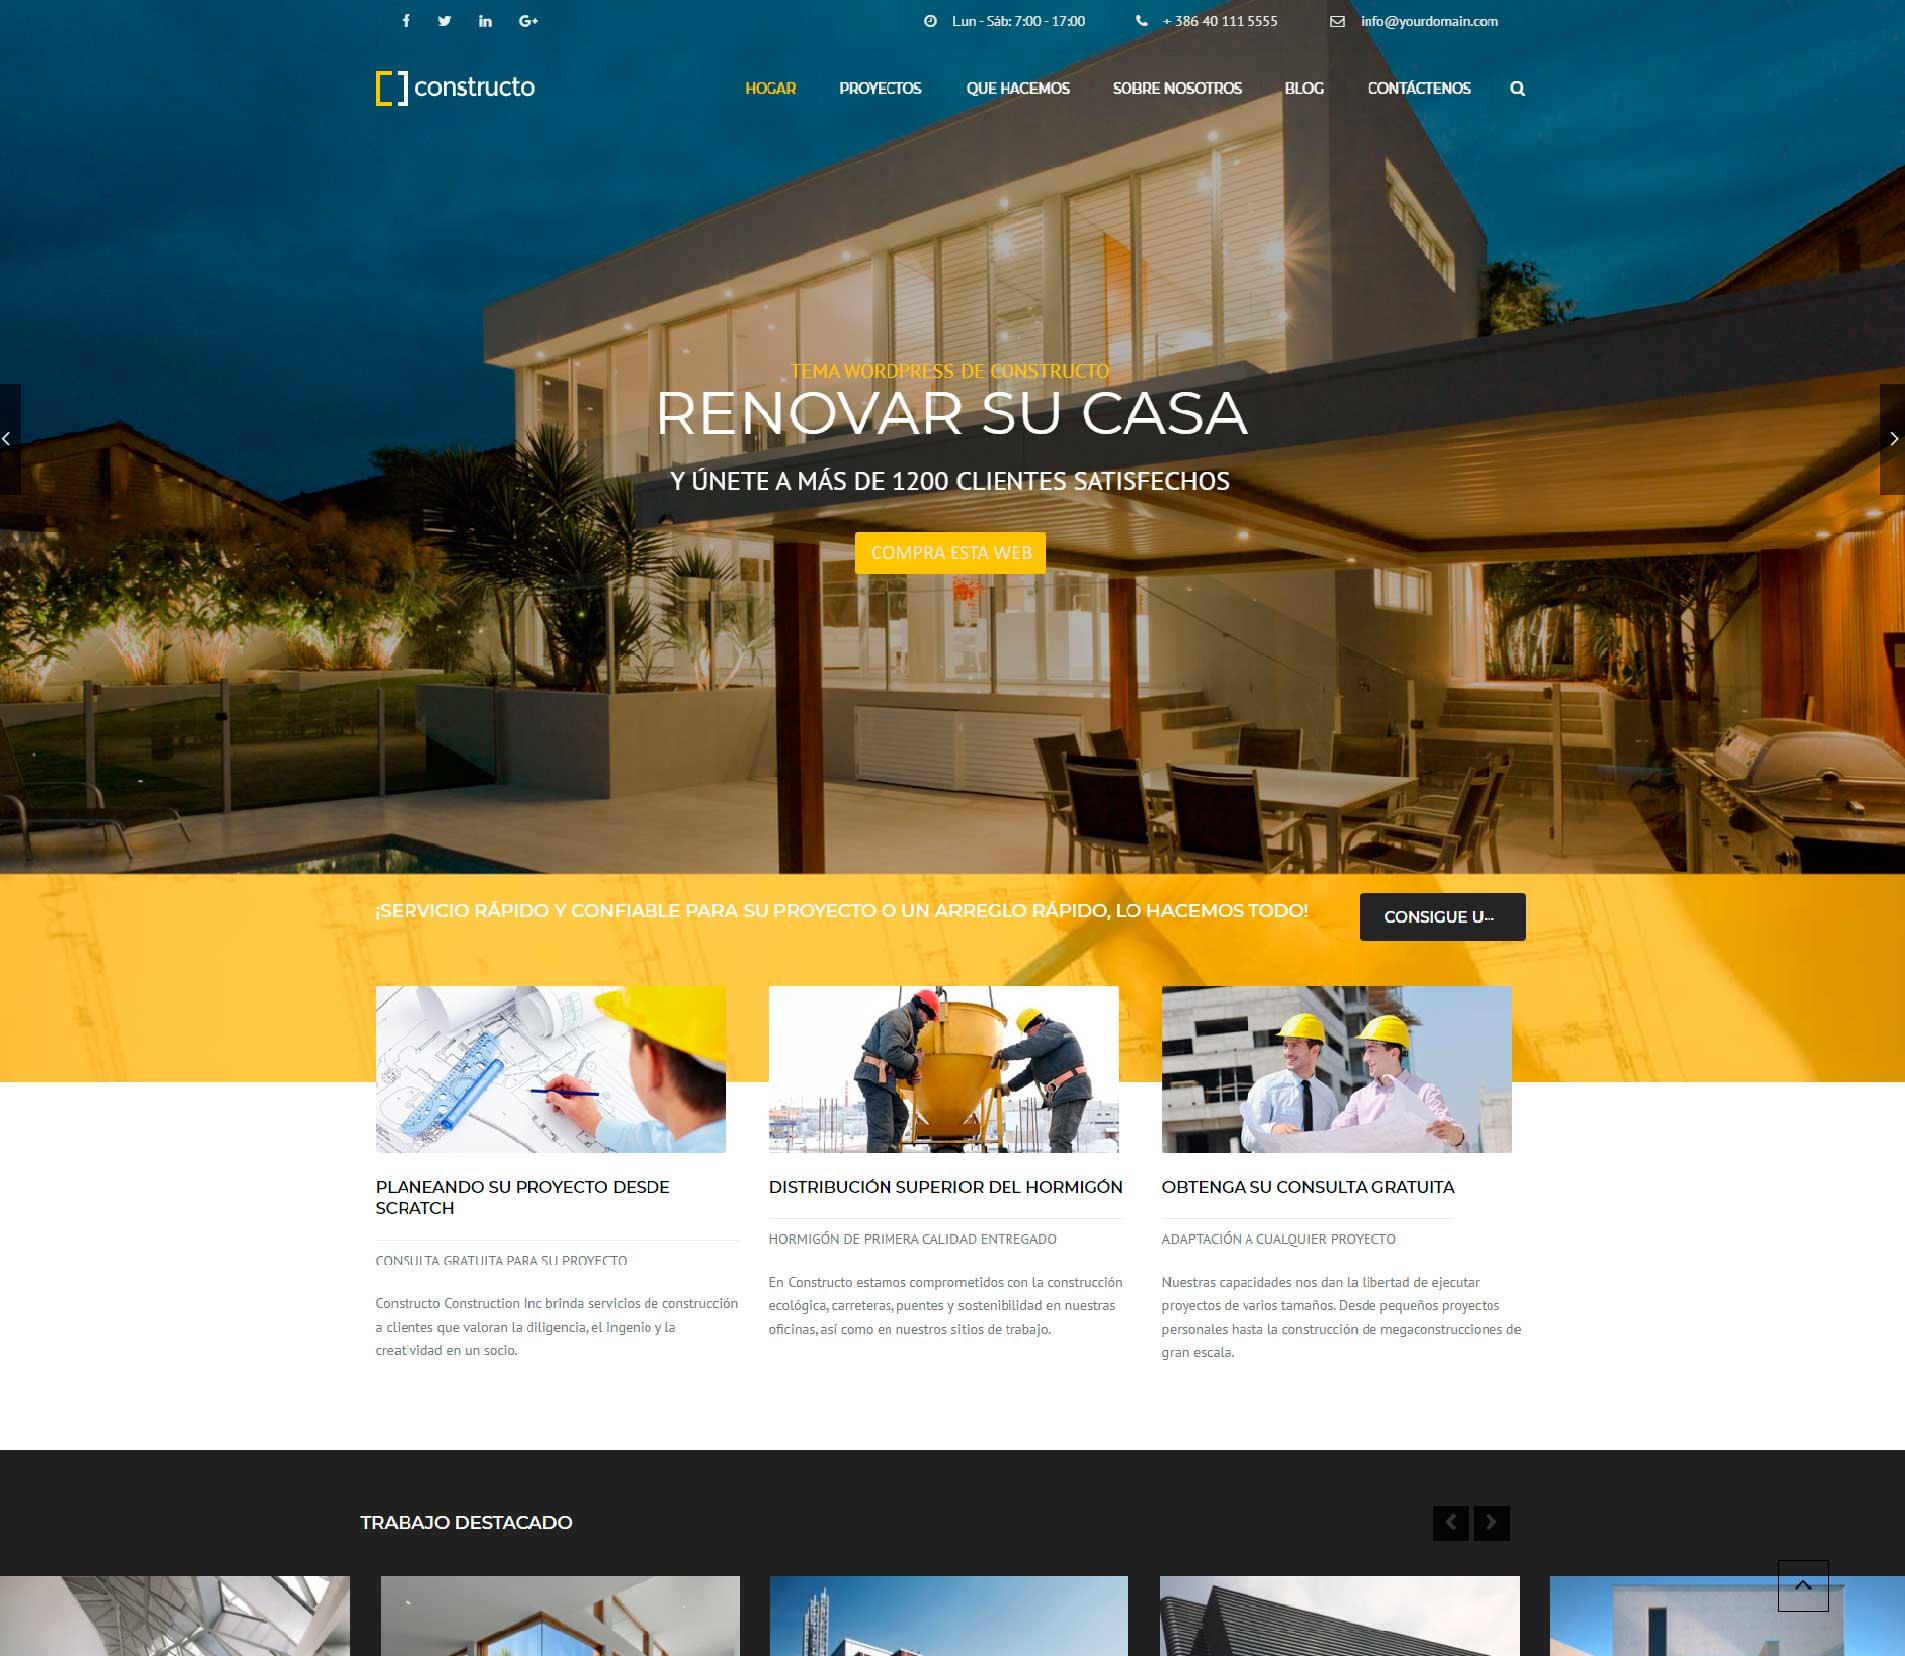 Diseño web para constructoras, compra web